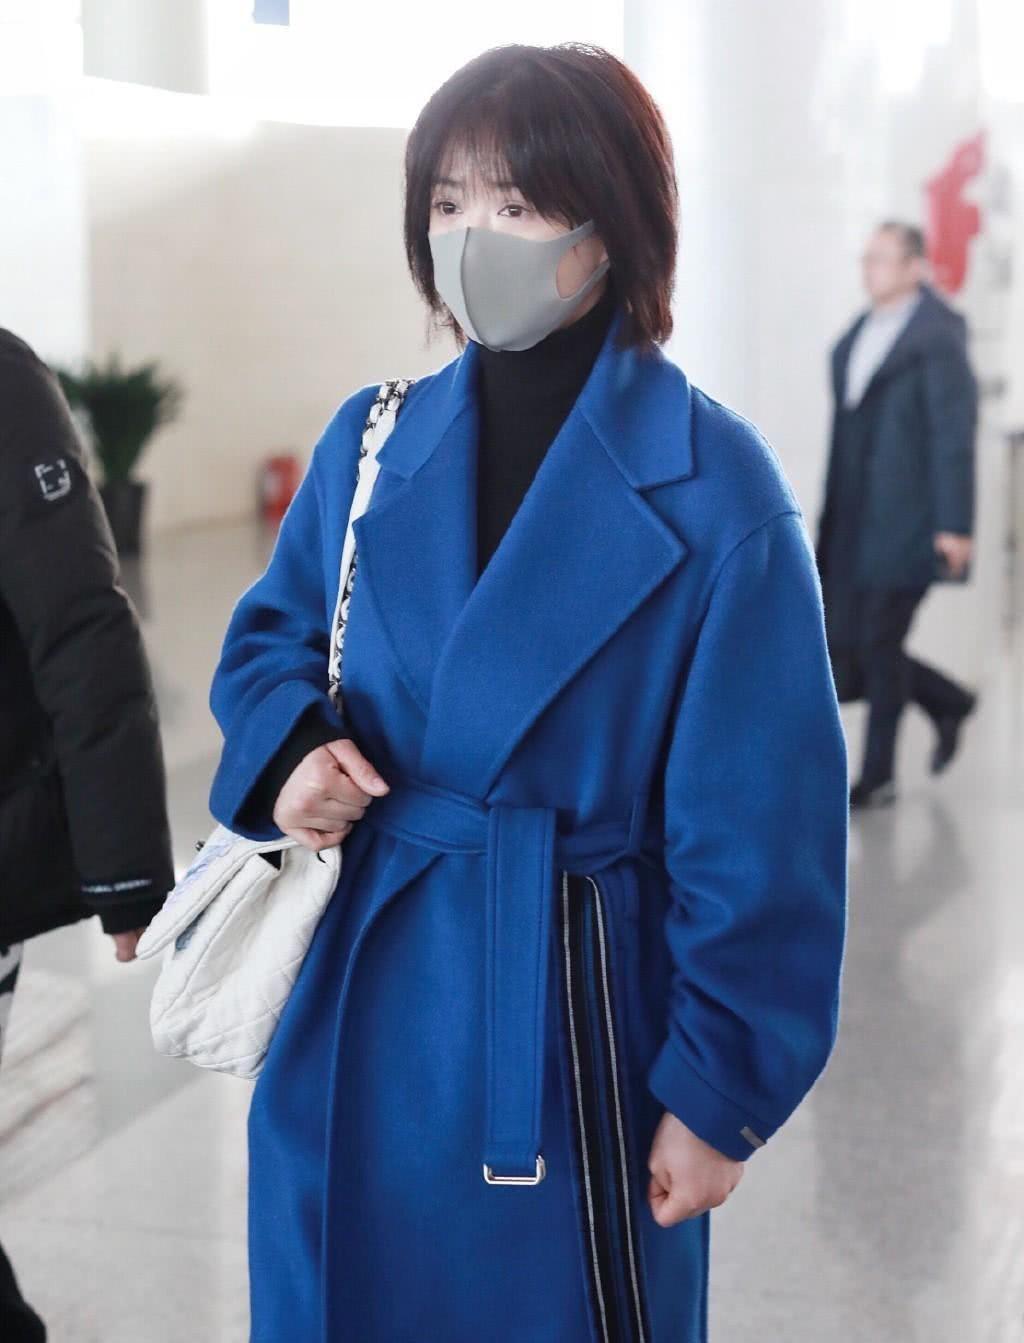 剪了长发的蒋欣,穿蓝色大衣配牛仔裤,形似路人毫无星味